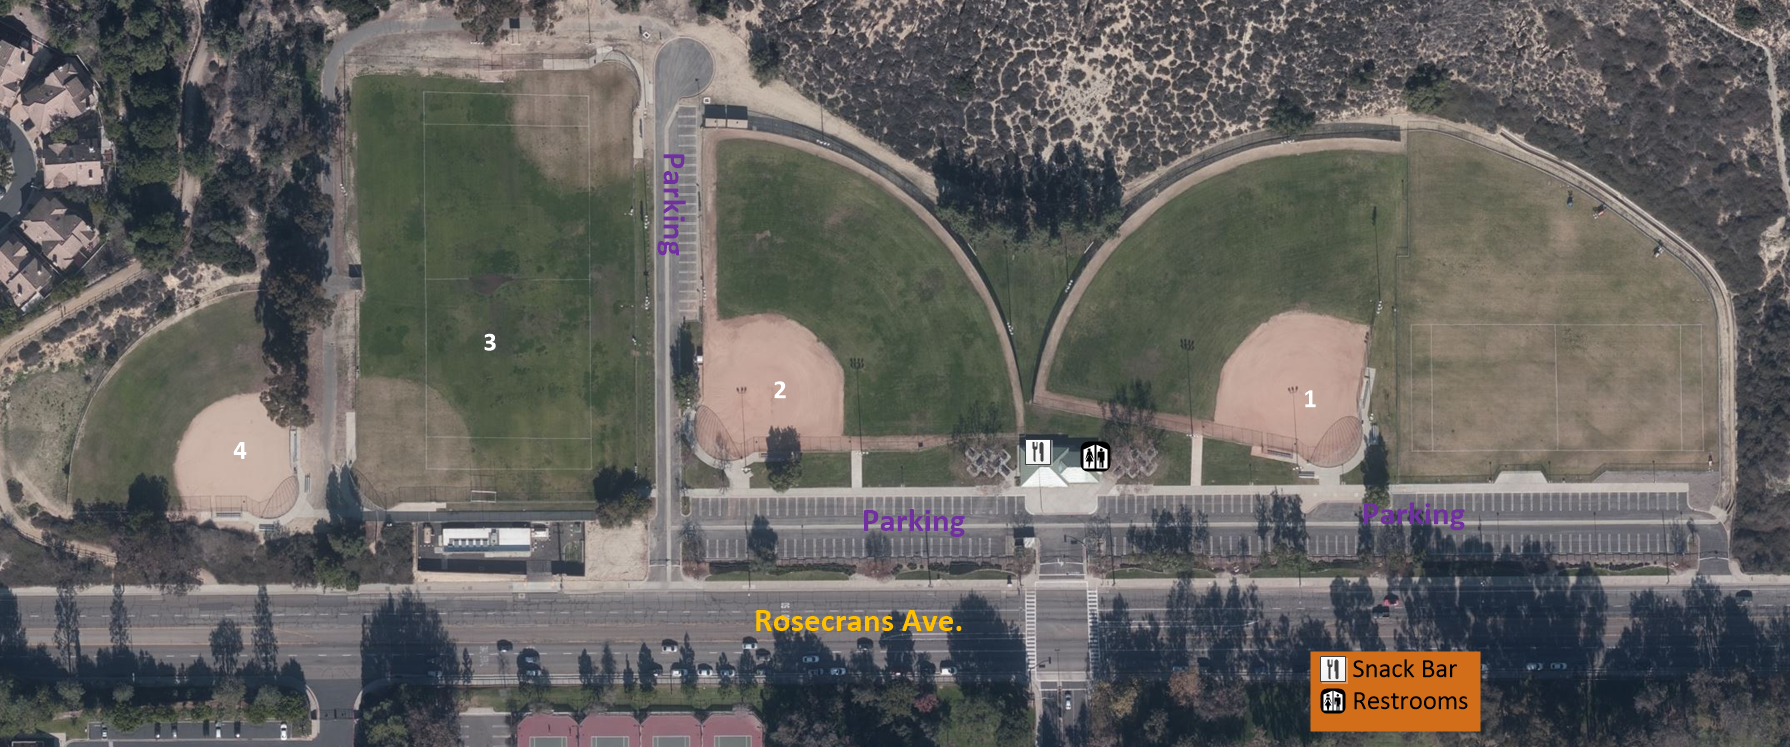 map of Rosecrans Sports Complex